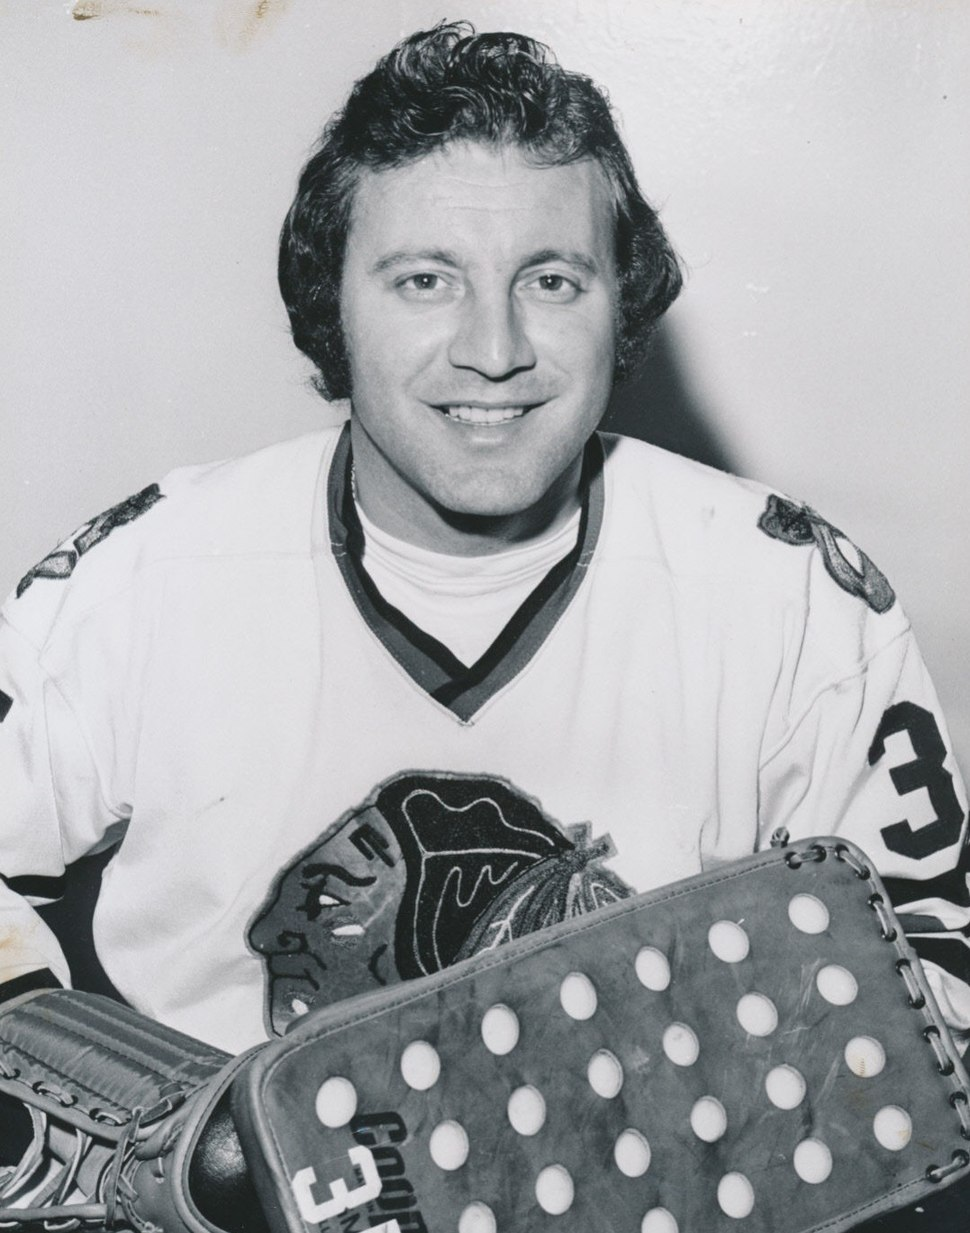 Tony Esposito 1973